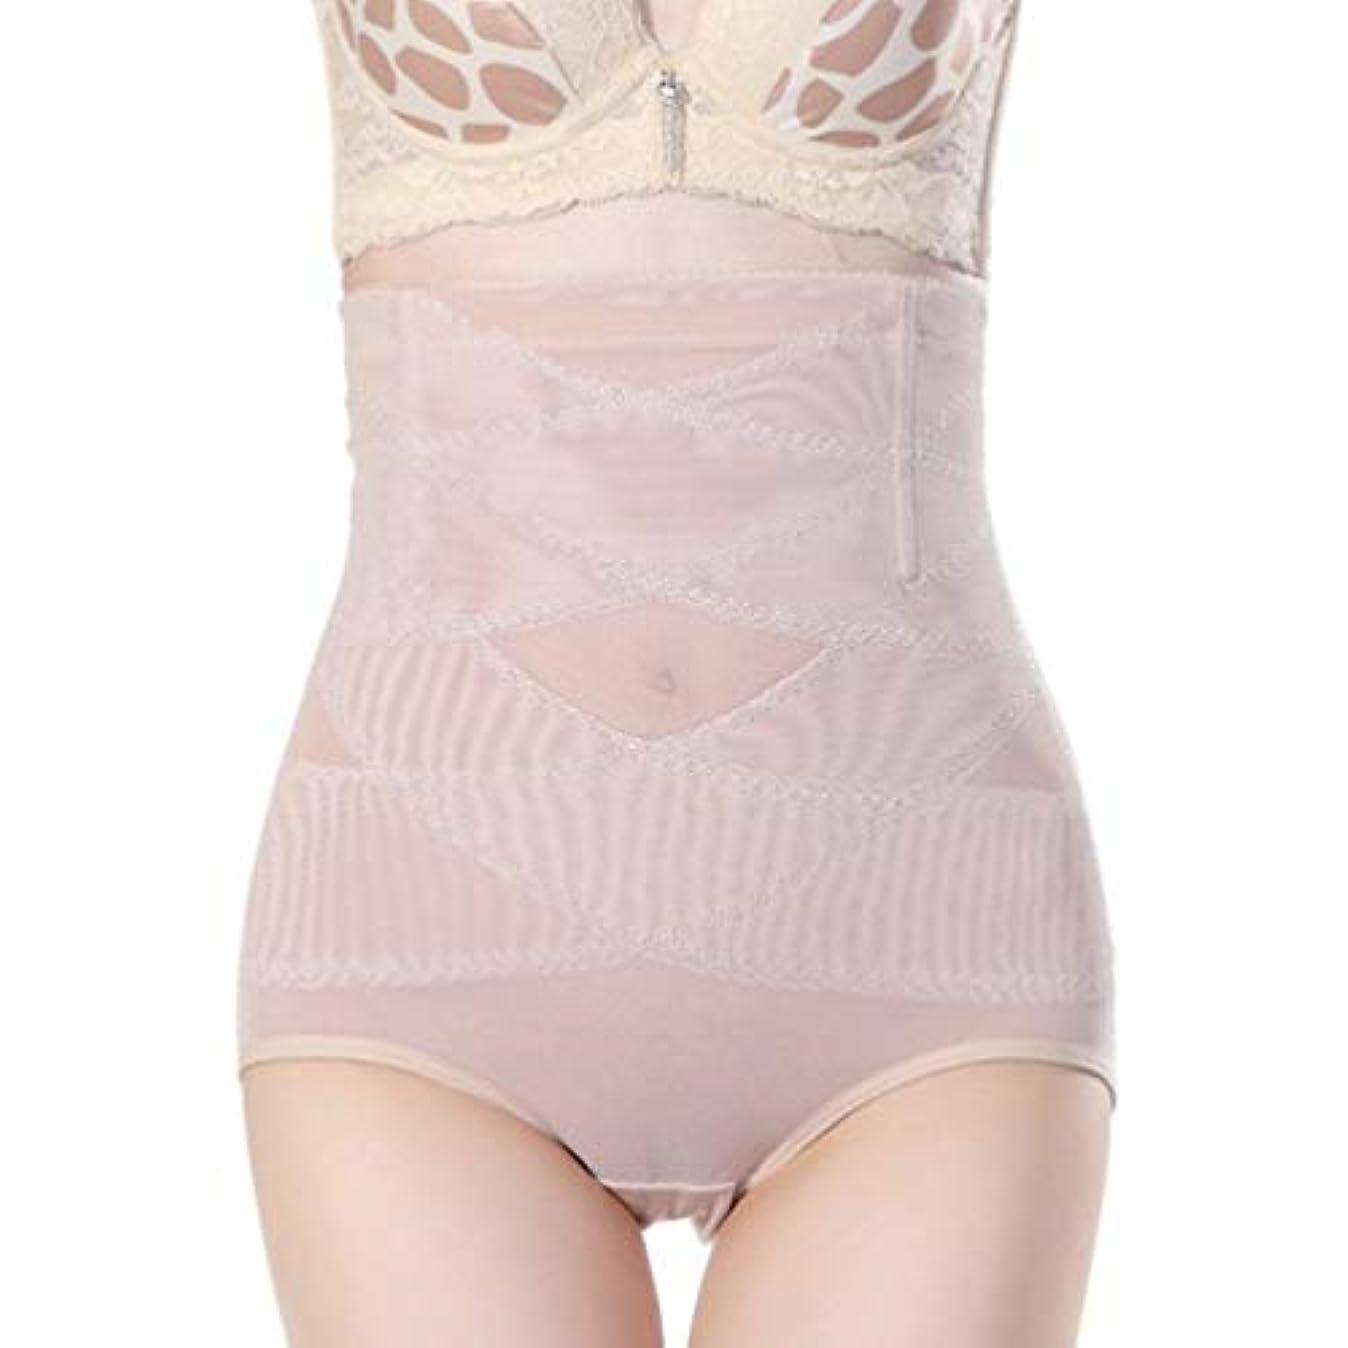 懲らしめ名誉ある生まれ腹部制御下着シームレスおなかコントロールパンティーバットリフターボディシェイパーを痩身通気性のハイウエストの女性 - 肌色M